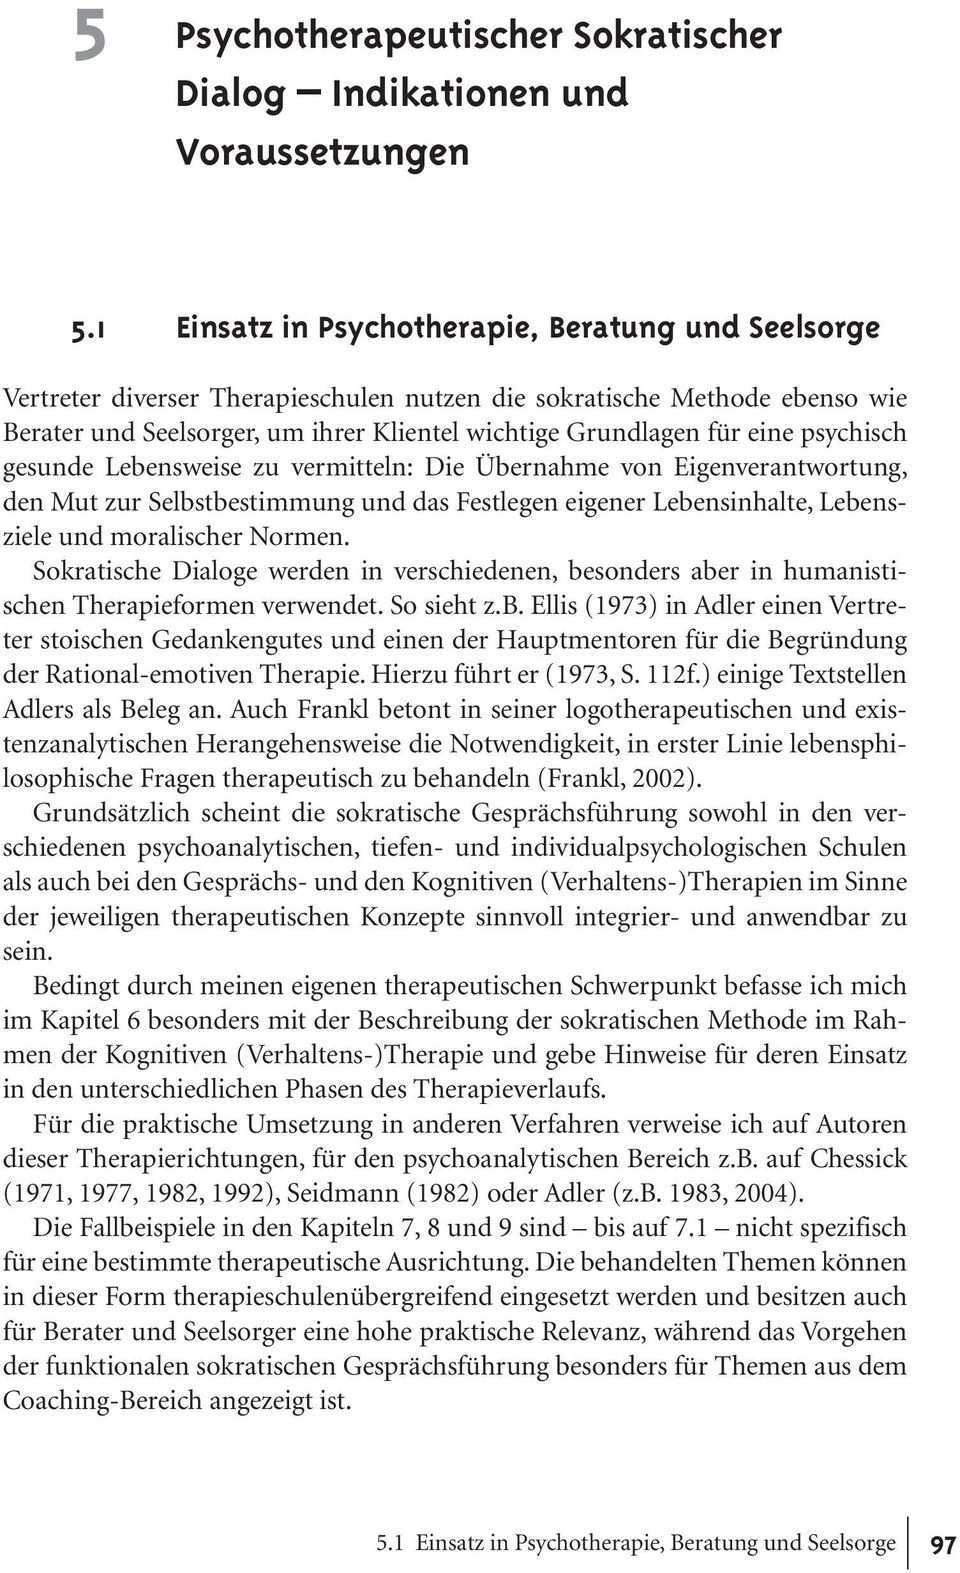 5 Psychotherapeutischer Sokratischer Dialog Indikationen Und Voraussetzungen Pdf Free Download